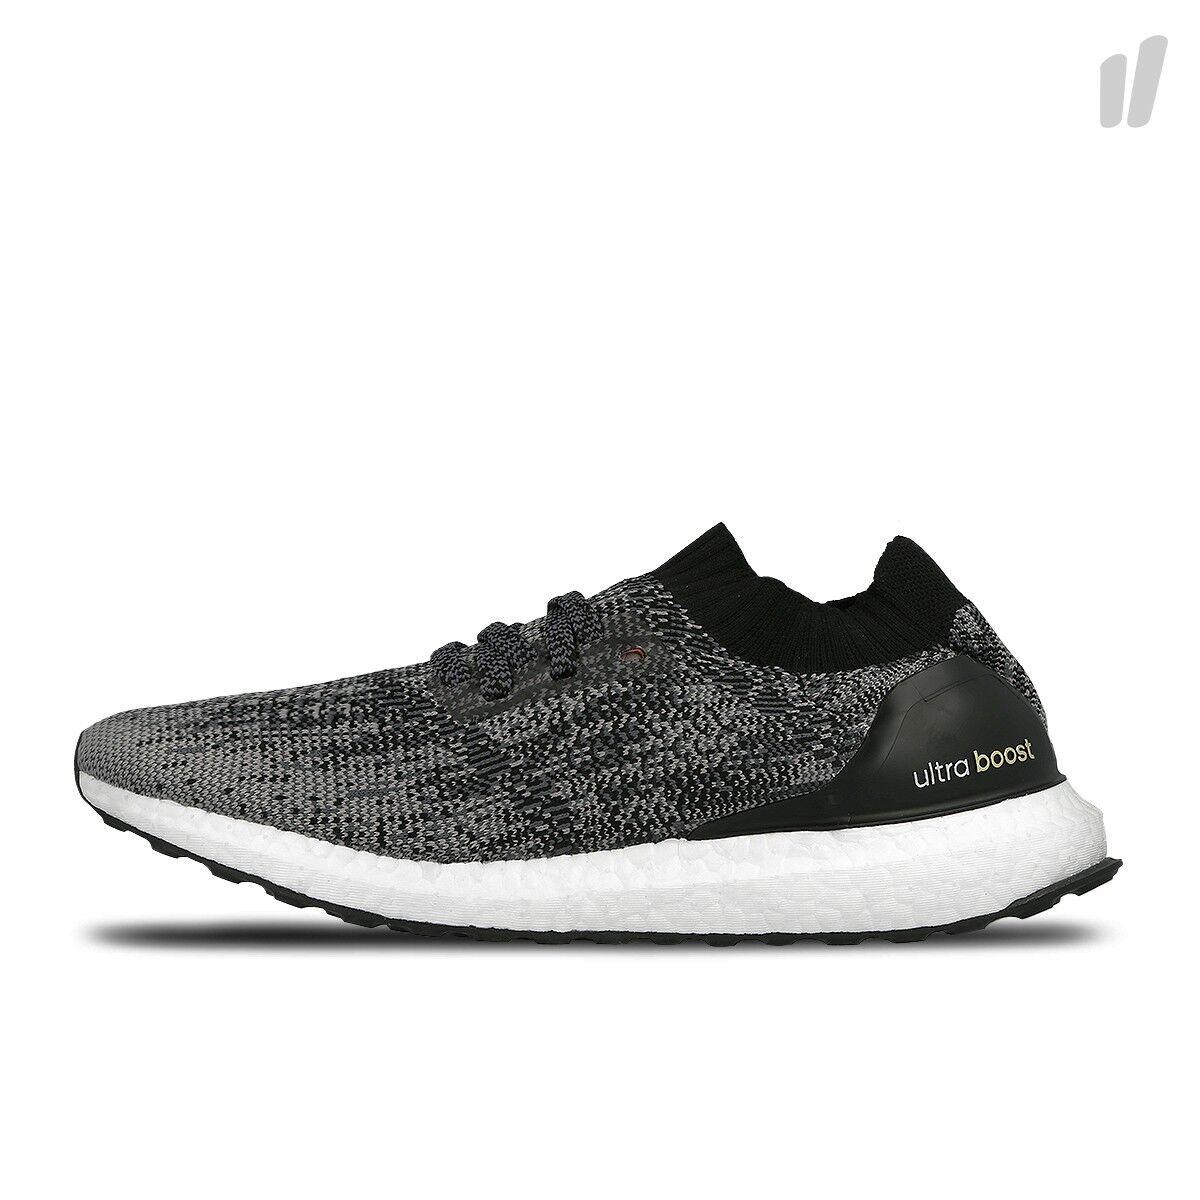 Nuevo Para hombres Zapatos Para Correr BB3900 ADIDAS ULTRA BOOST Uncaged BB3900 Correr Negro Blanco Zapatillas 79161c